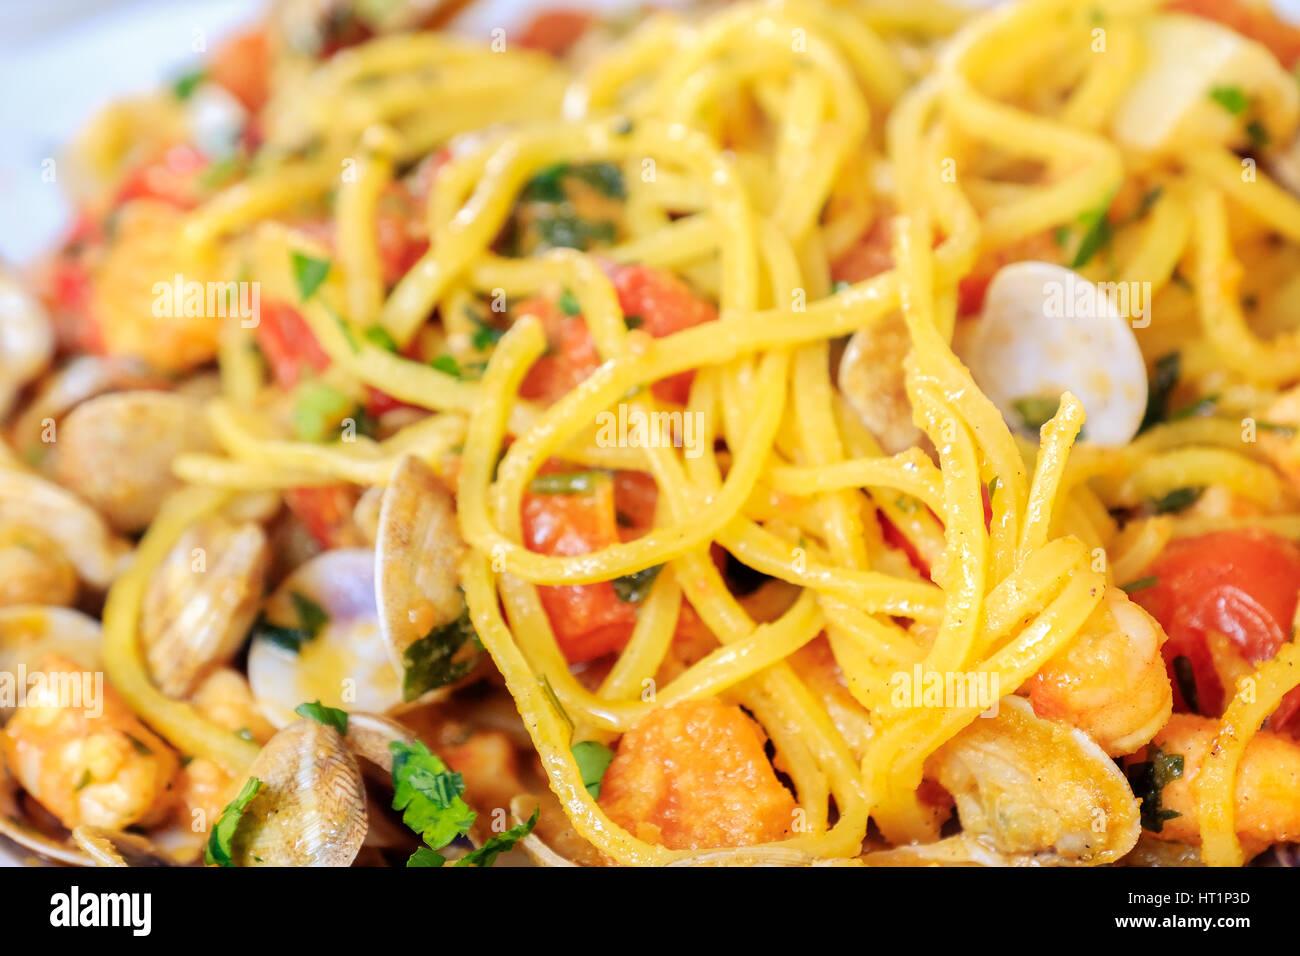 spaghetti alla chitarra Abruzzo pasta closeup italian seafood - Stock Image